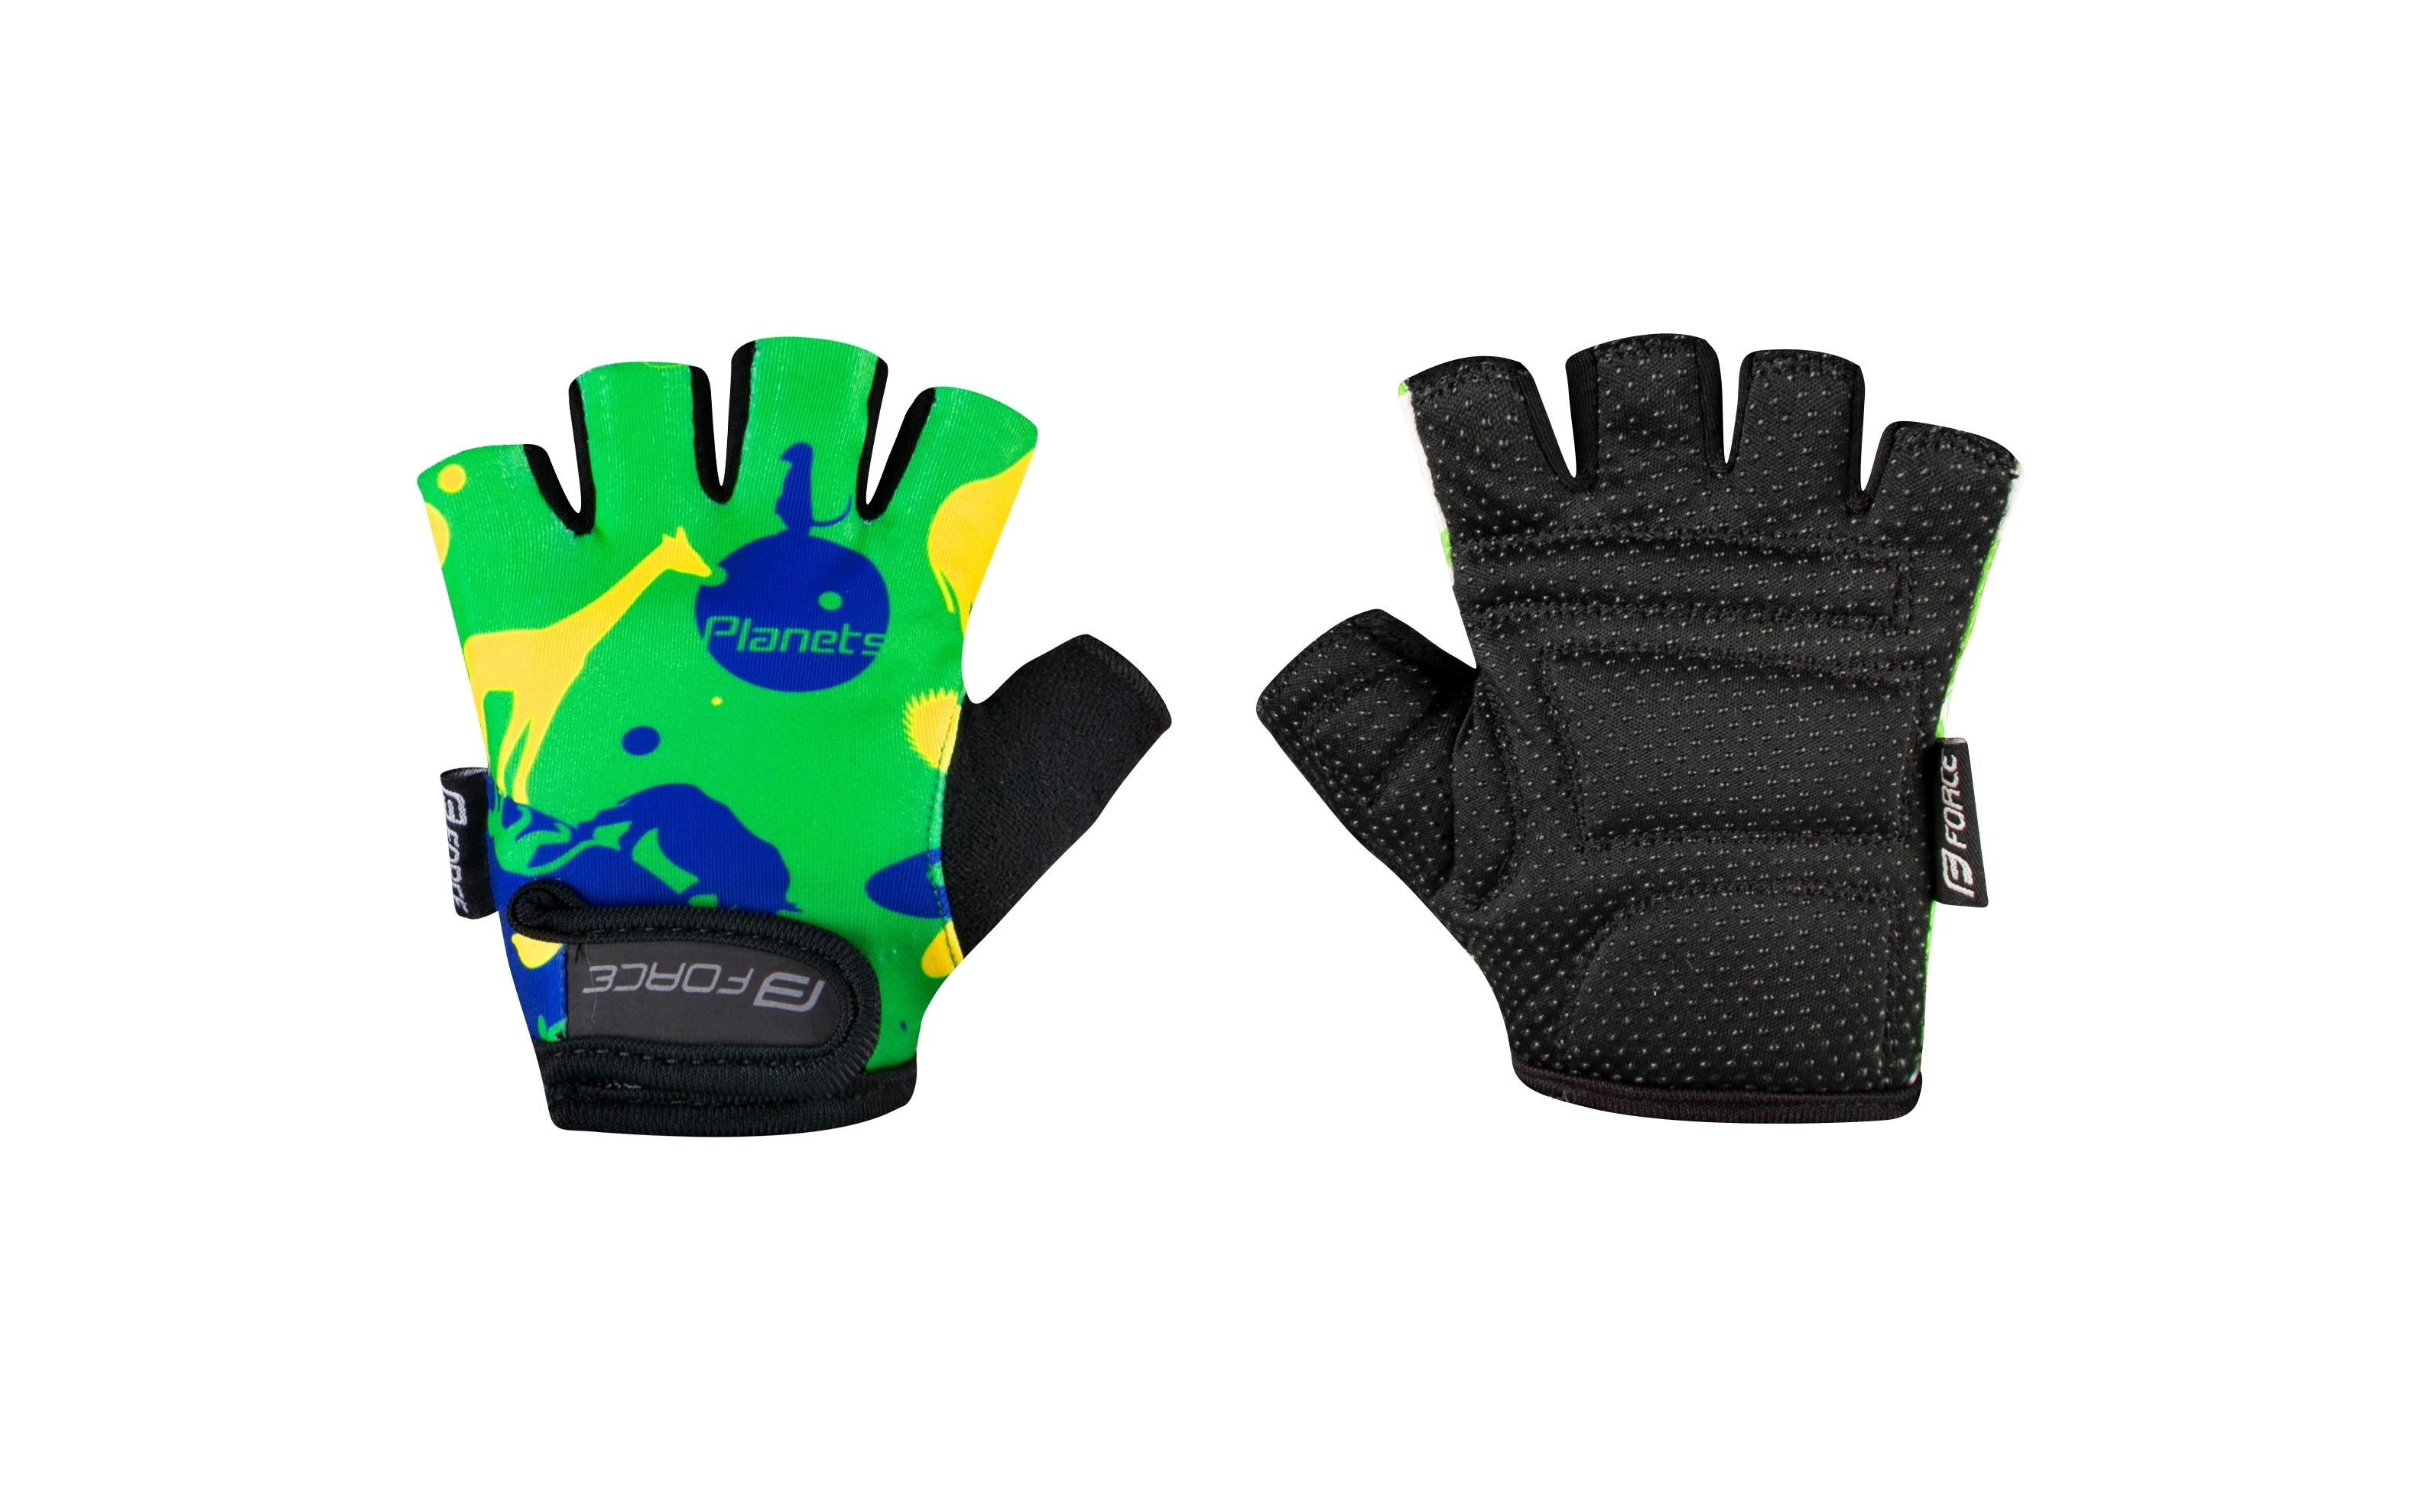 rukavice F PLANETS dětské, zeleno-žluté L